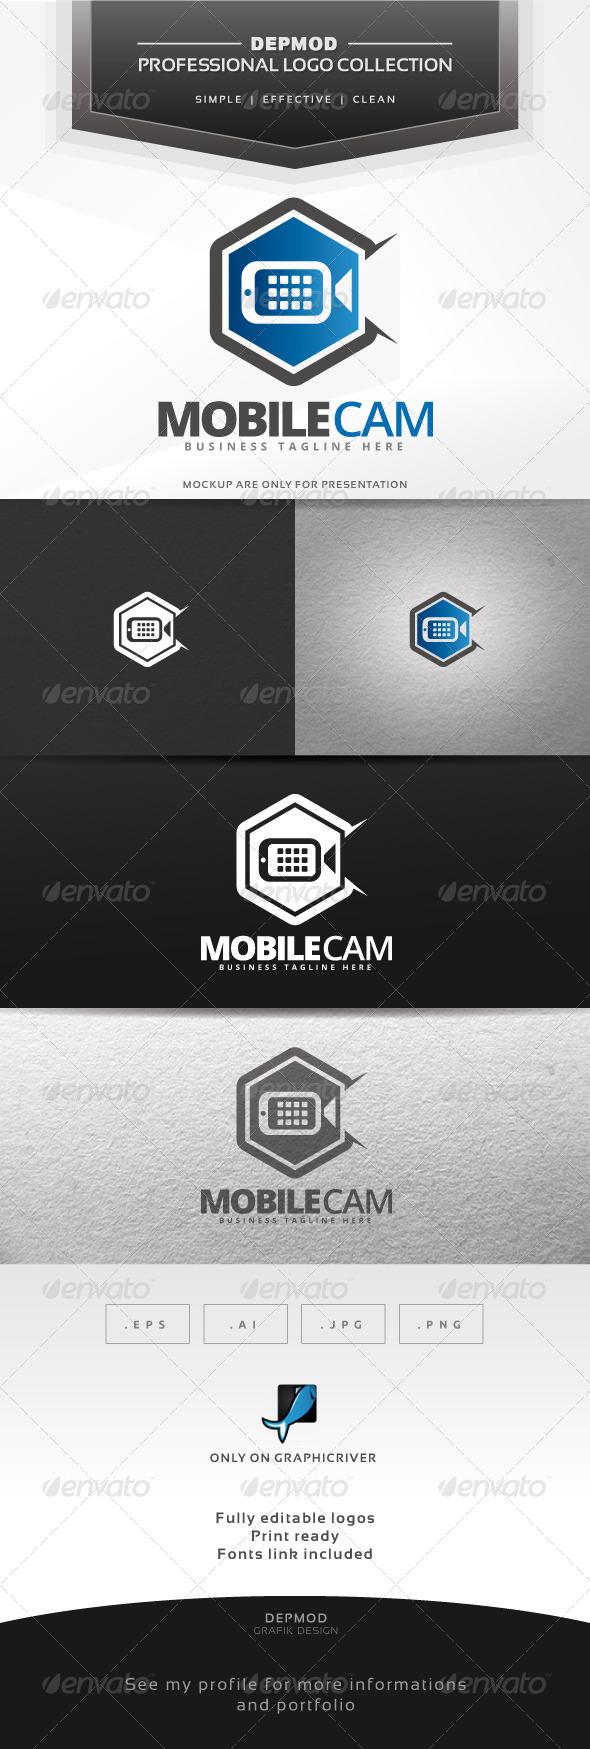 Mobile Cam Logo